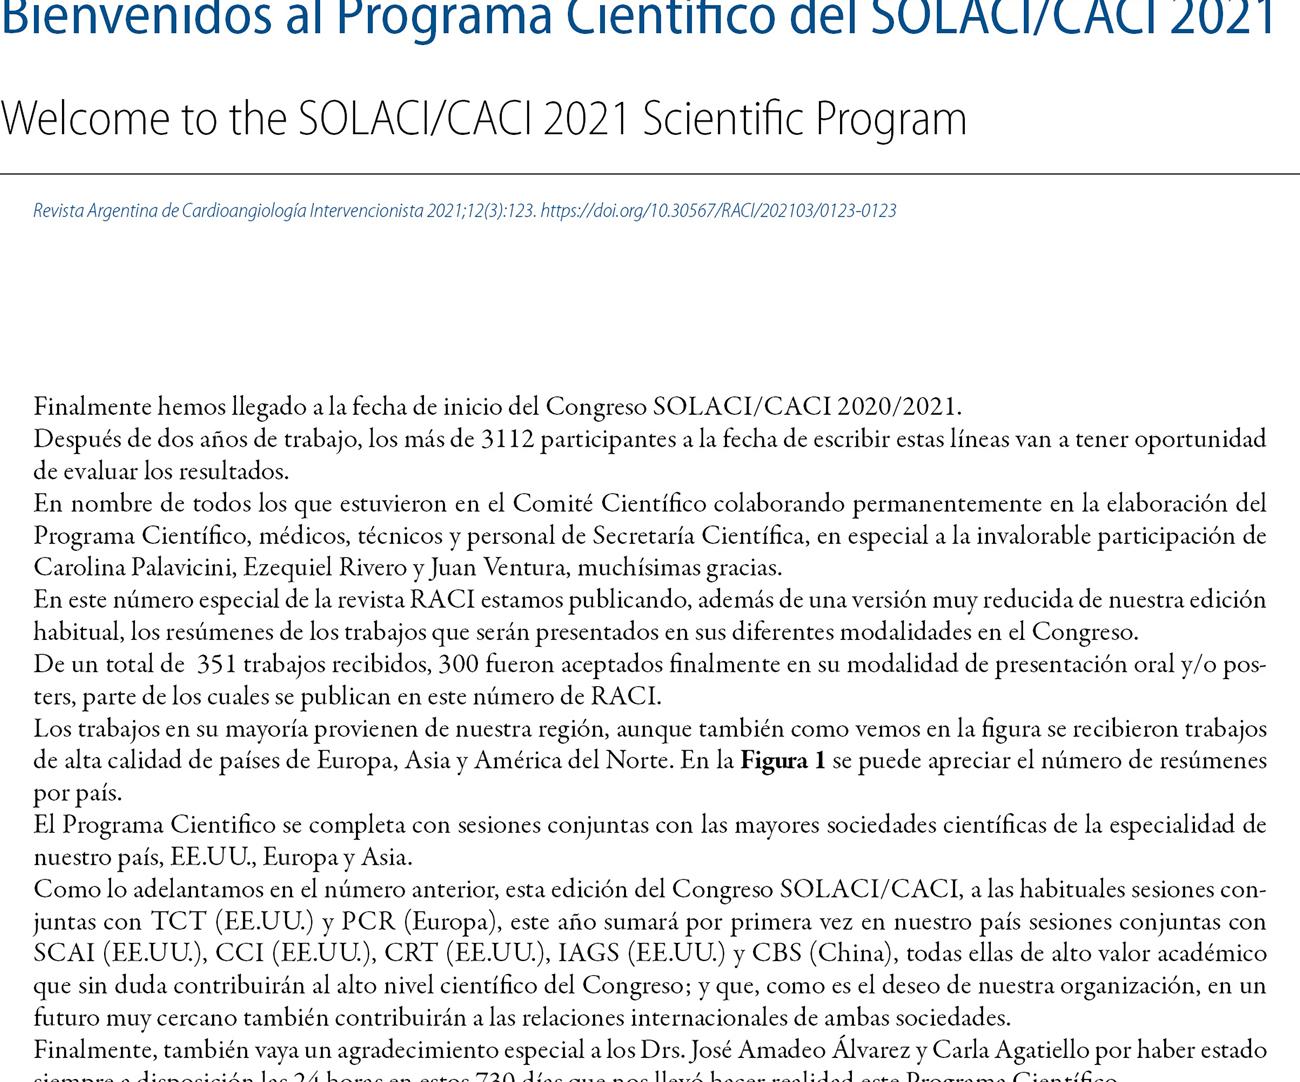 Bienvenidos al Programa Científico del SOLACI/CACI 2021